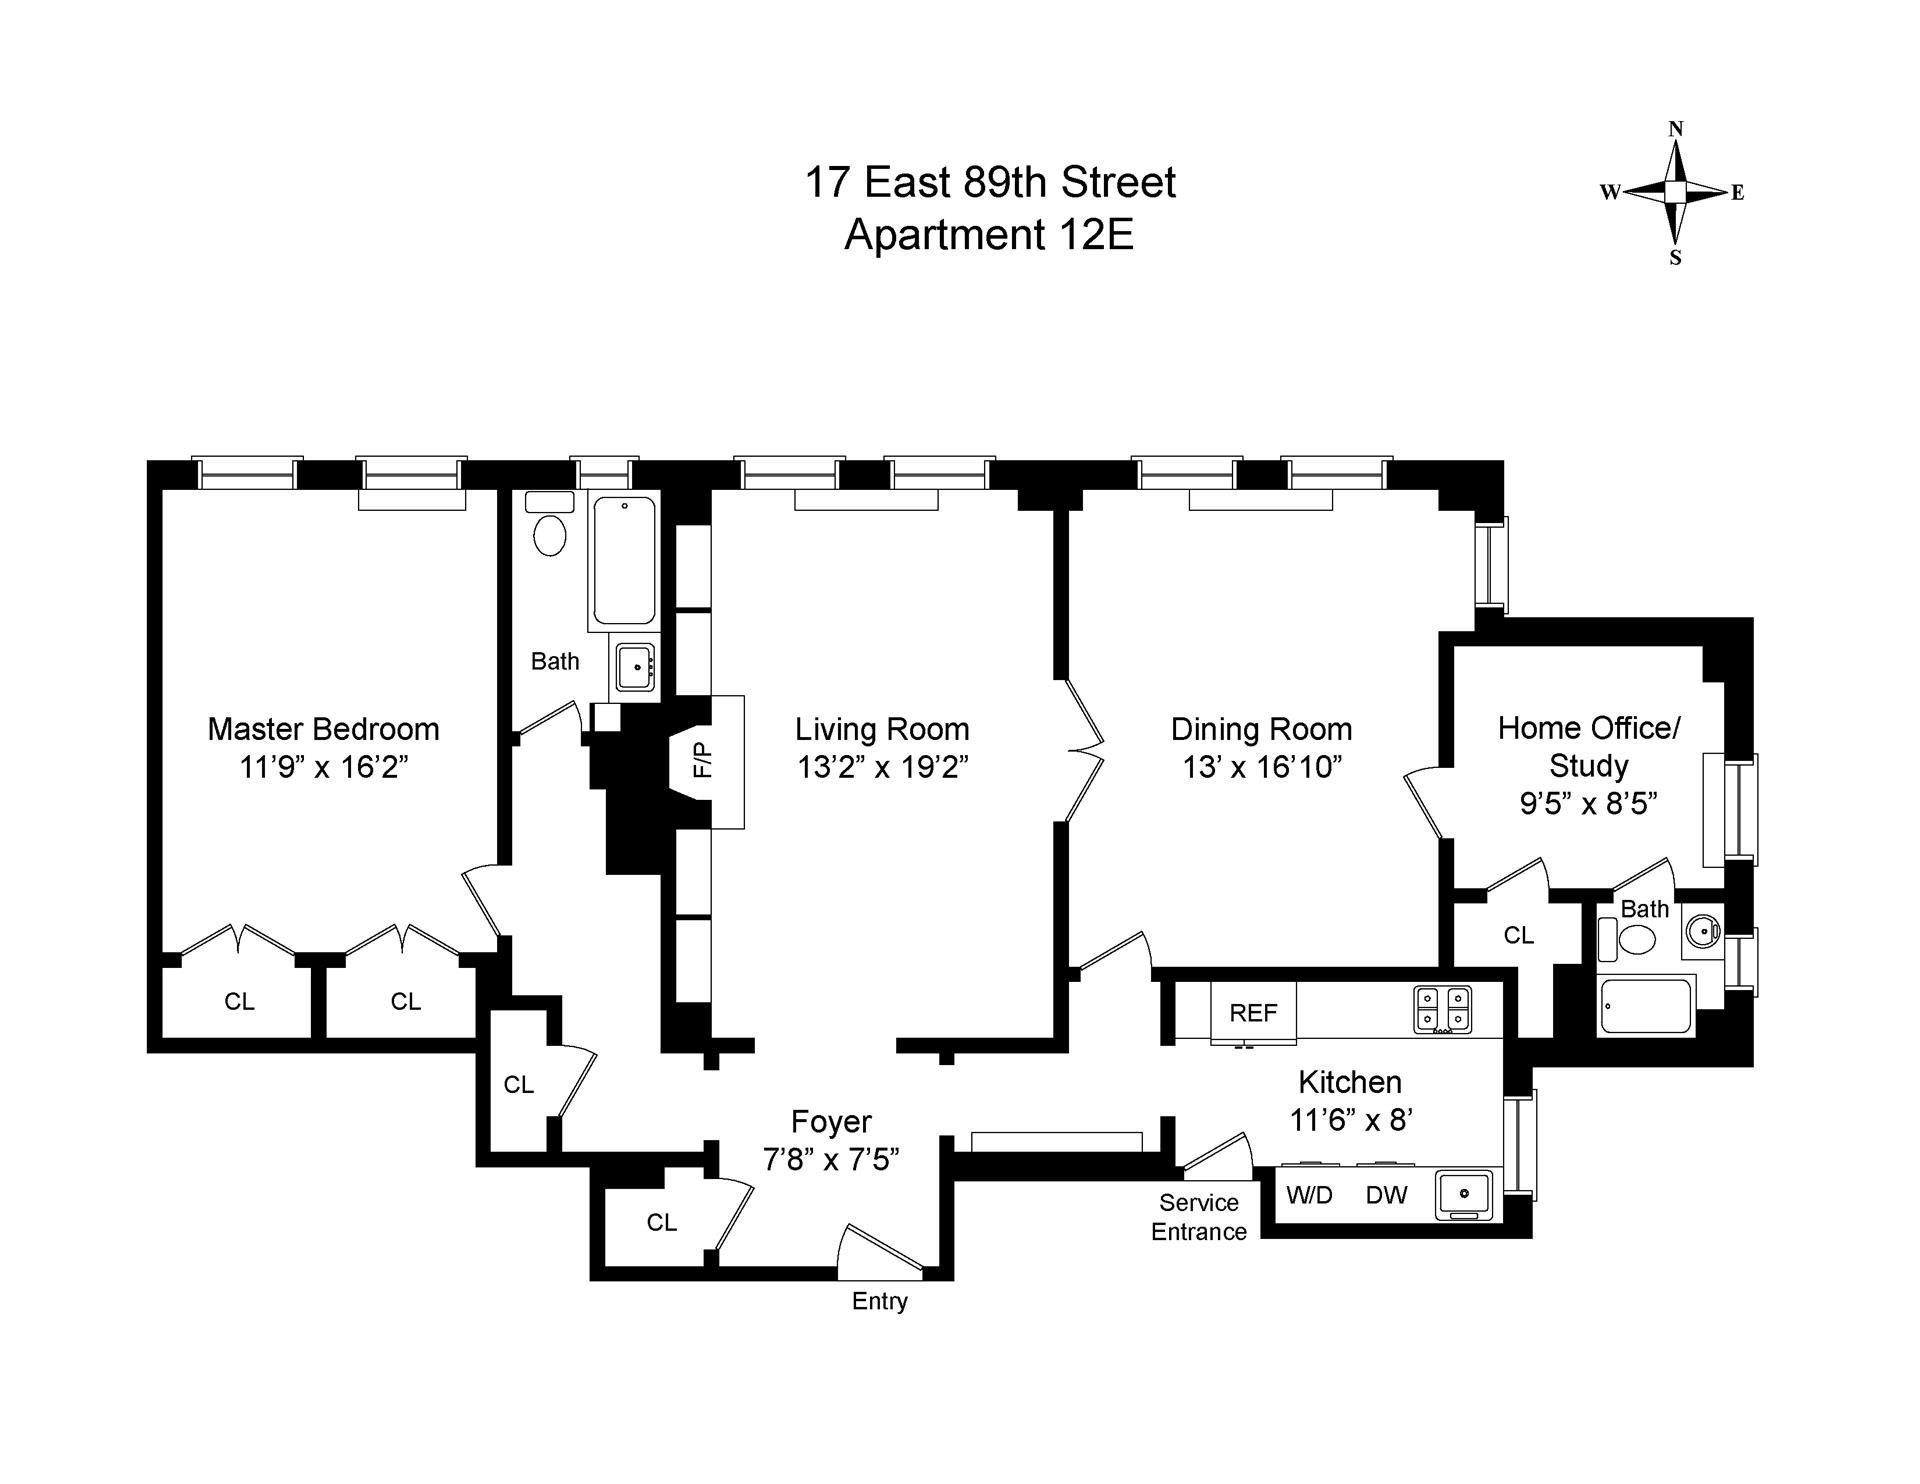 Floor plan of 17 East 89th Street, 12E - Upper East Side, New York